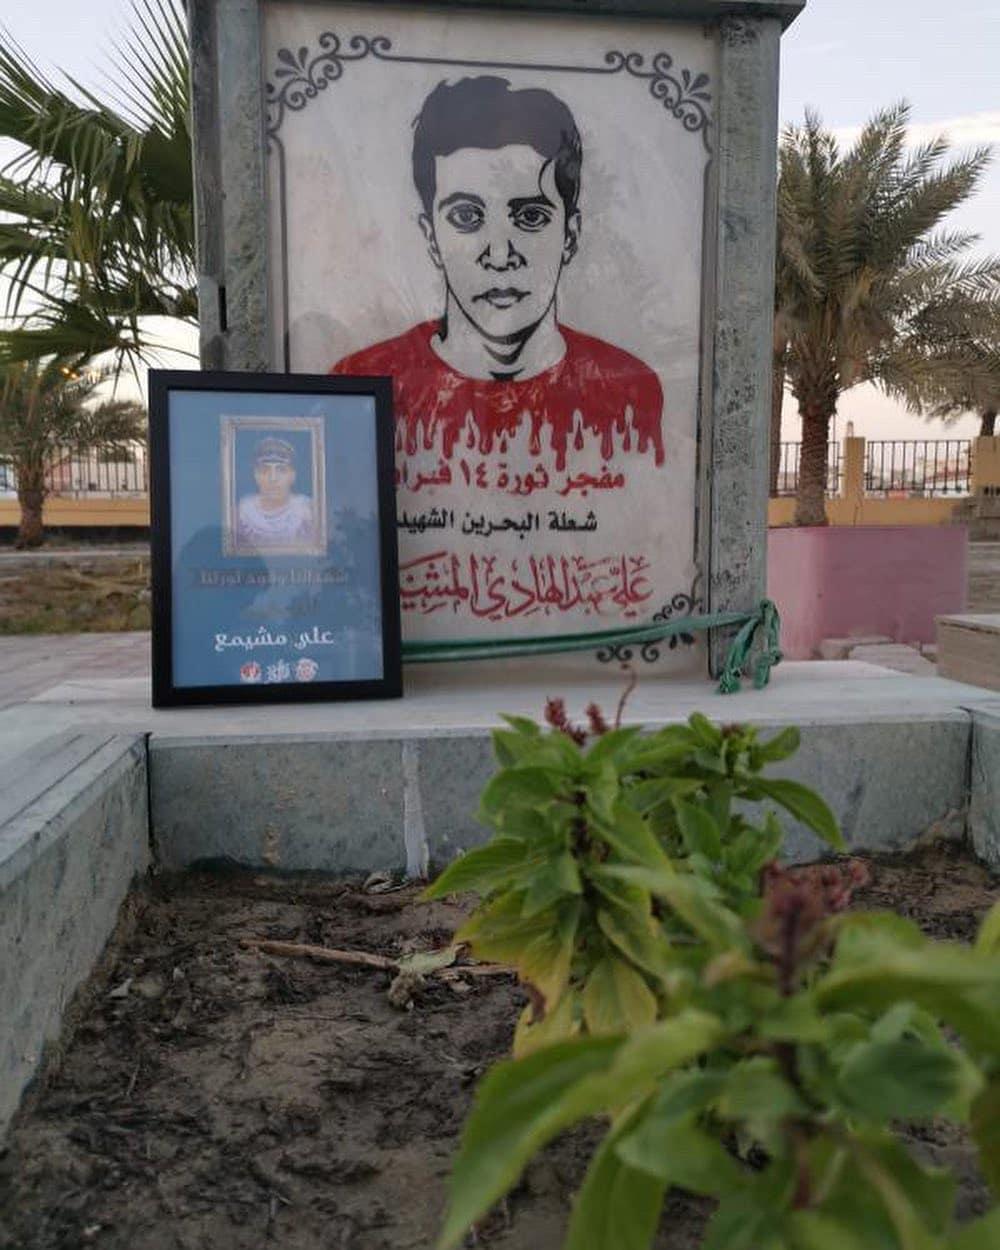 زيارة رياض الشهيدين «علي مشيمع وحسين الجزيري» وشهداء الدراز